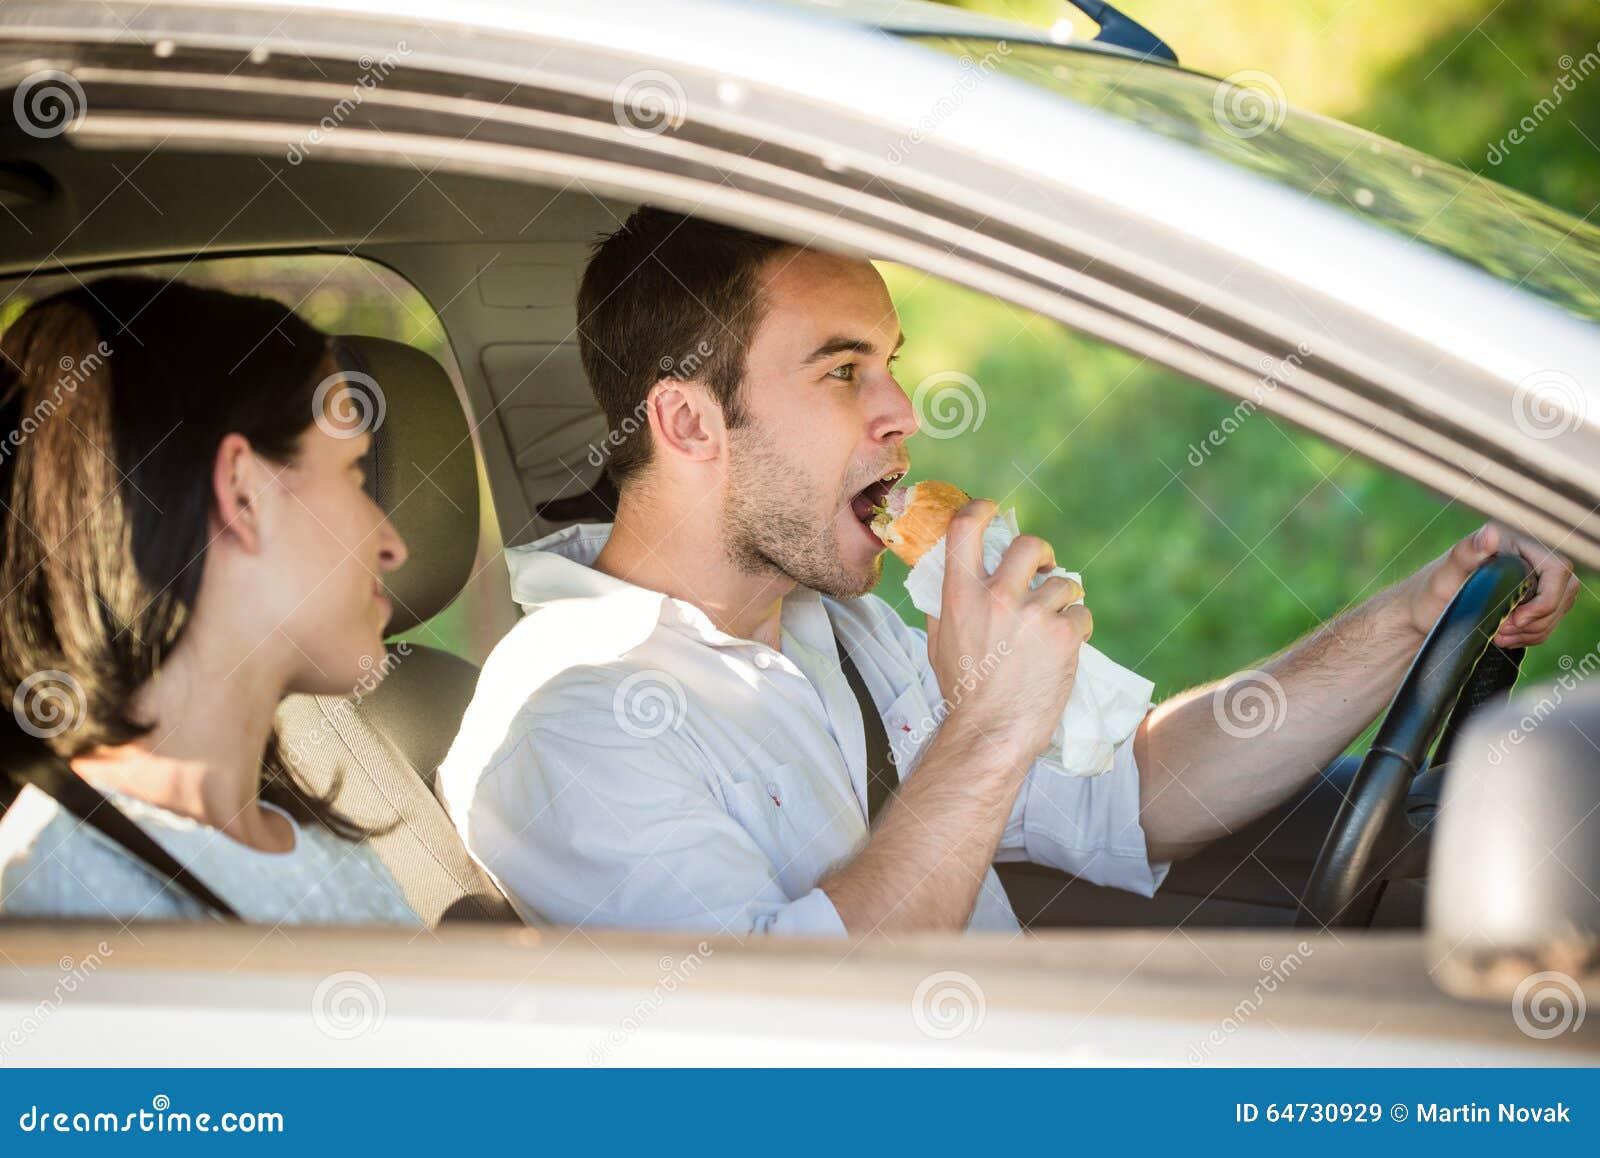 Mangiando in automobile